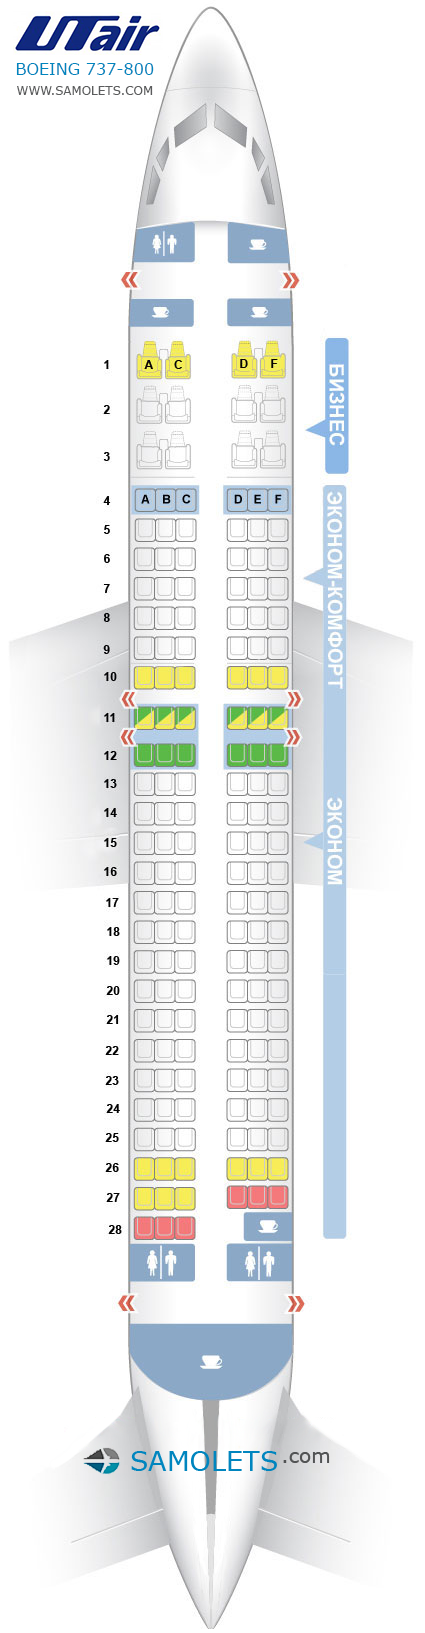 Схема салона Боинг 737-800 Utair